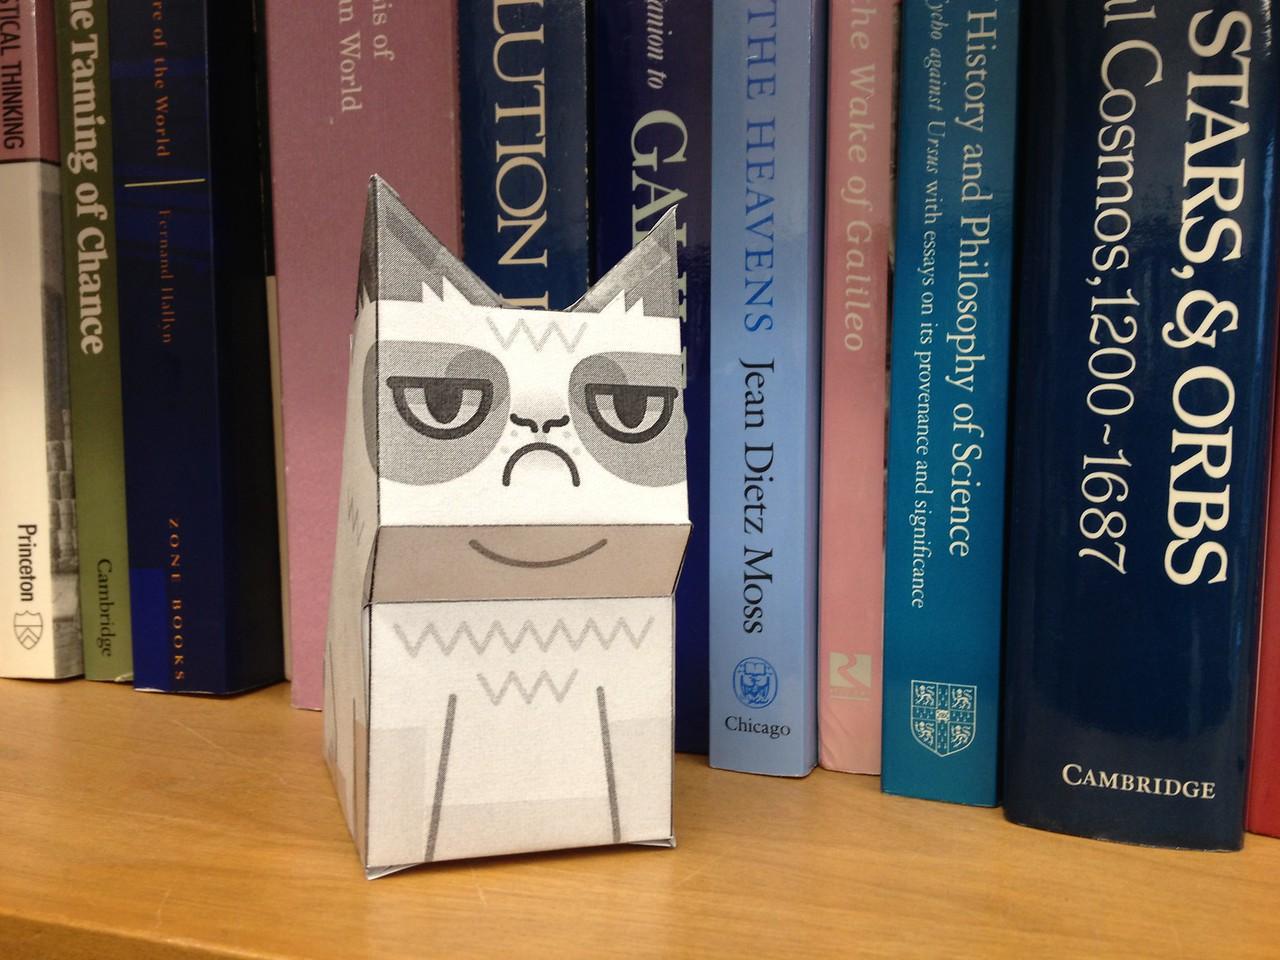 Grumpy cat cutout